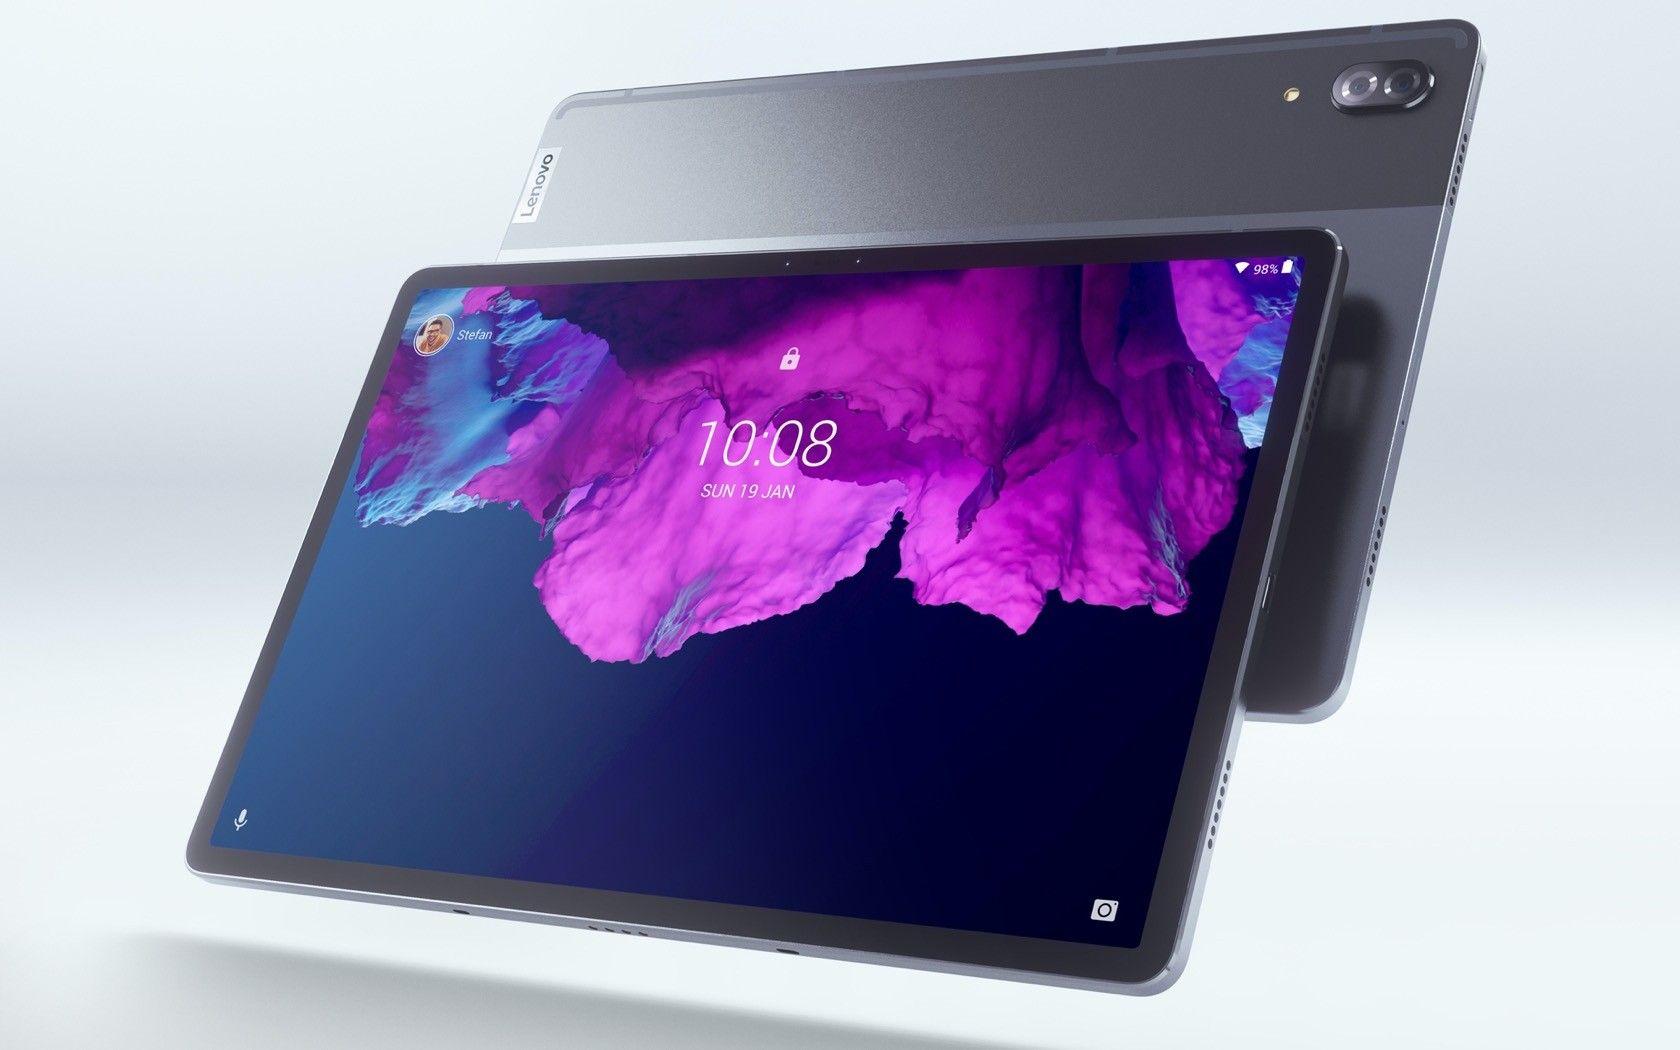 Lenovo Tab P11 جهاز لوحي يعمل بنظام أندرويد لكافة أفراد العائلة و سعر ممتاز In 2021 Lenovo Tablet Apple Ipad Pro